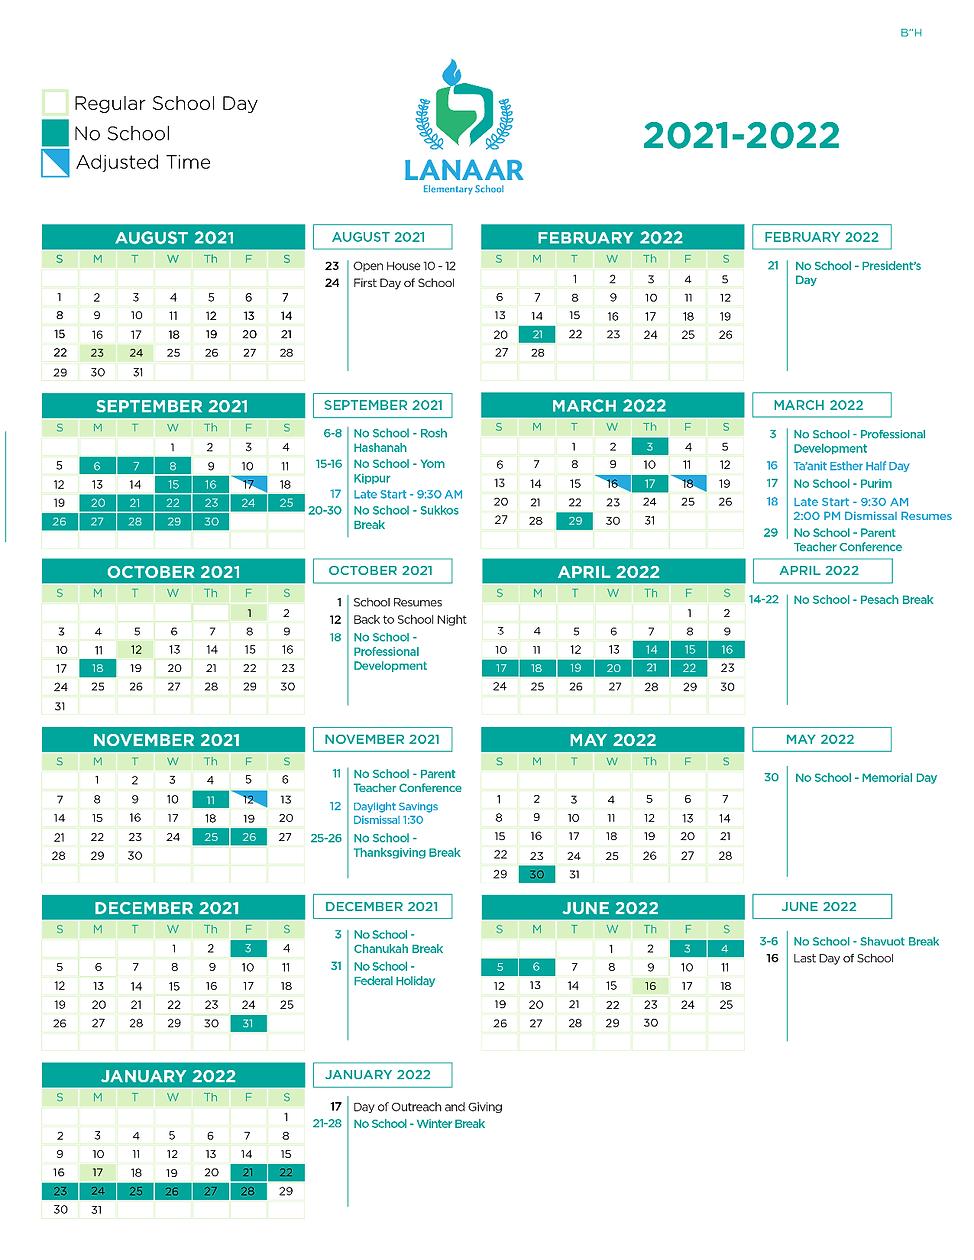 Lanaar Calendar 2021-2022.png